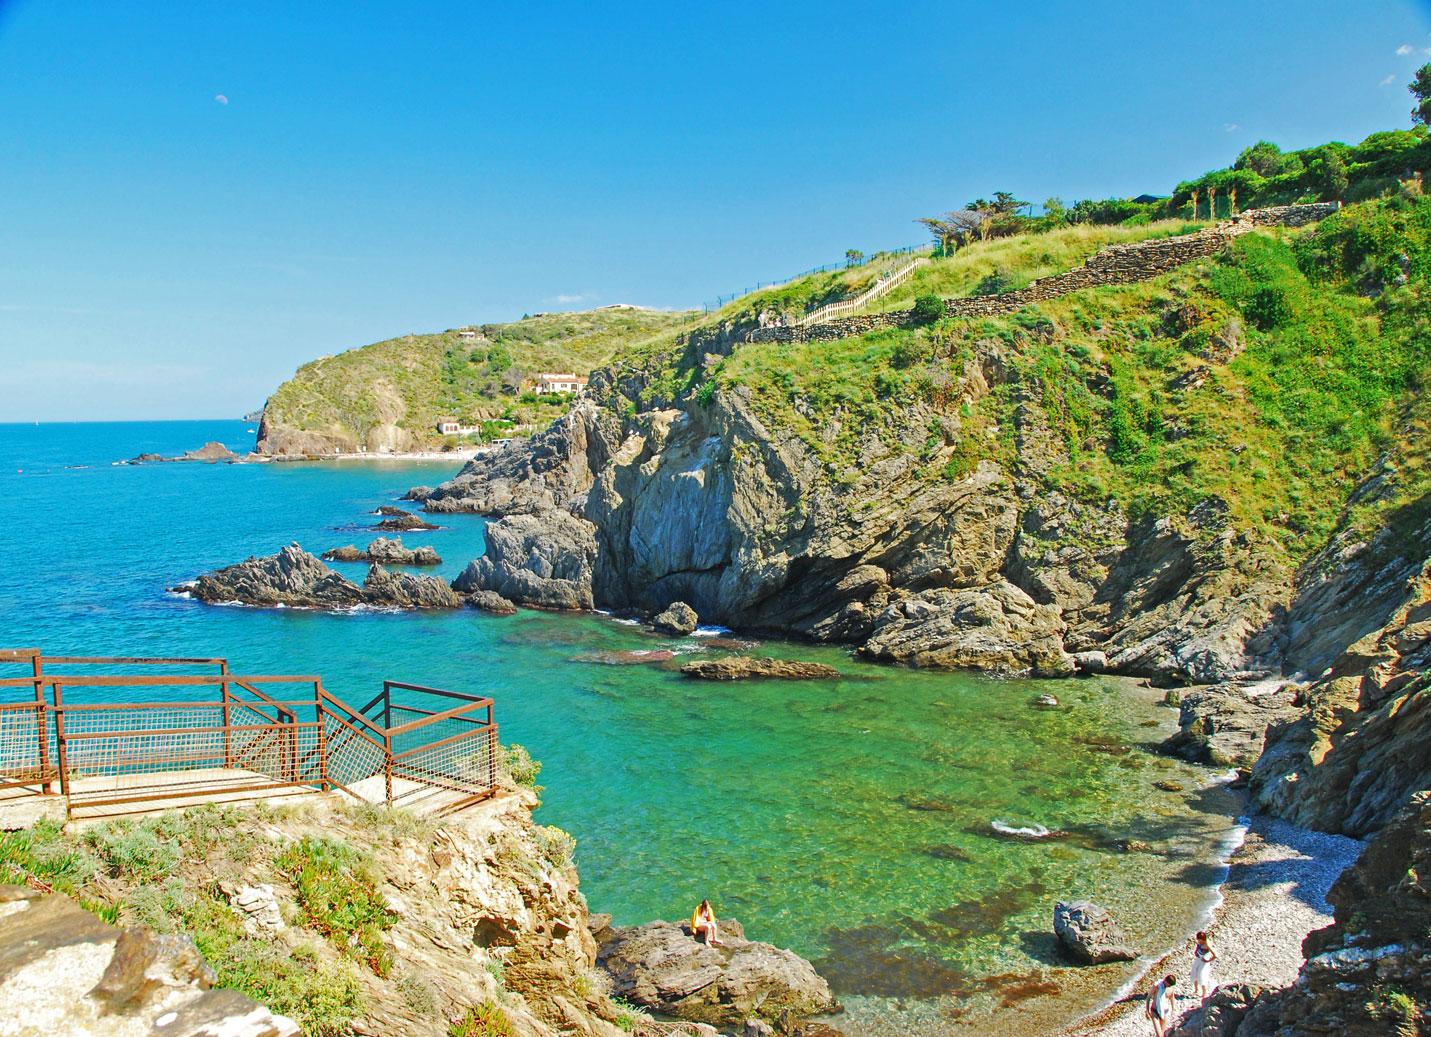 Bienvenue dans votre camping 5 toiles entre argel s sur mer et collioure les criques de porteils - Argeles office du tourisme ...